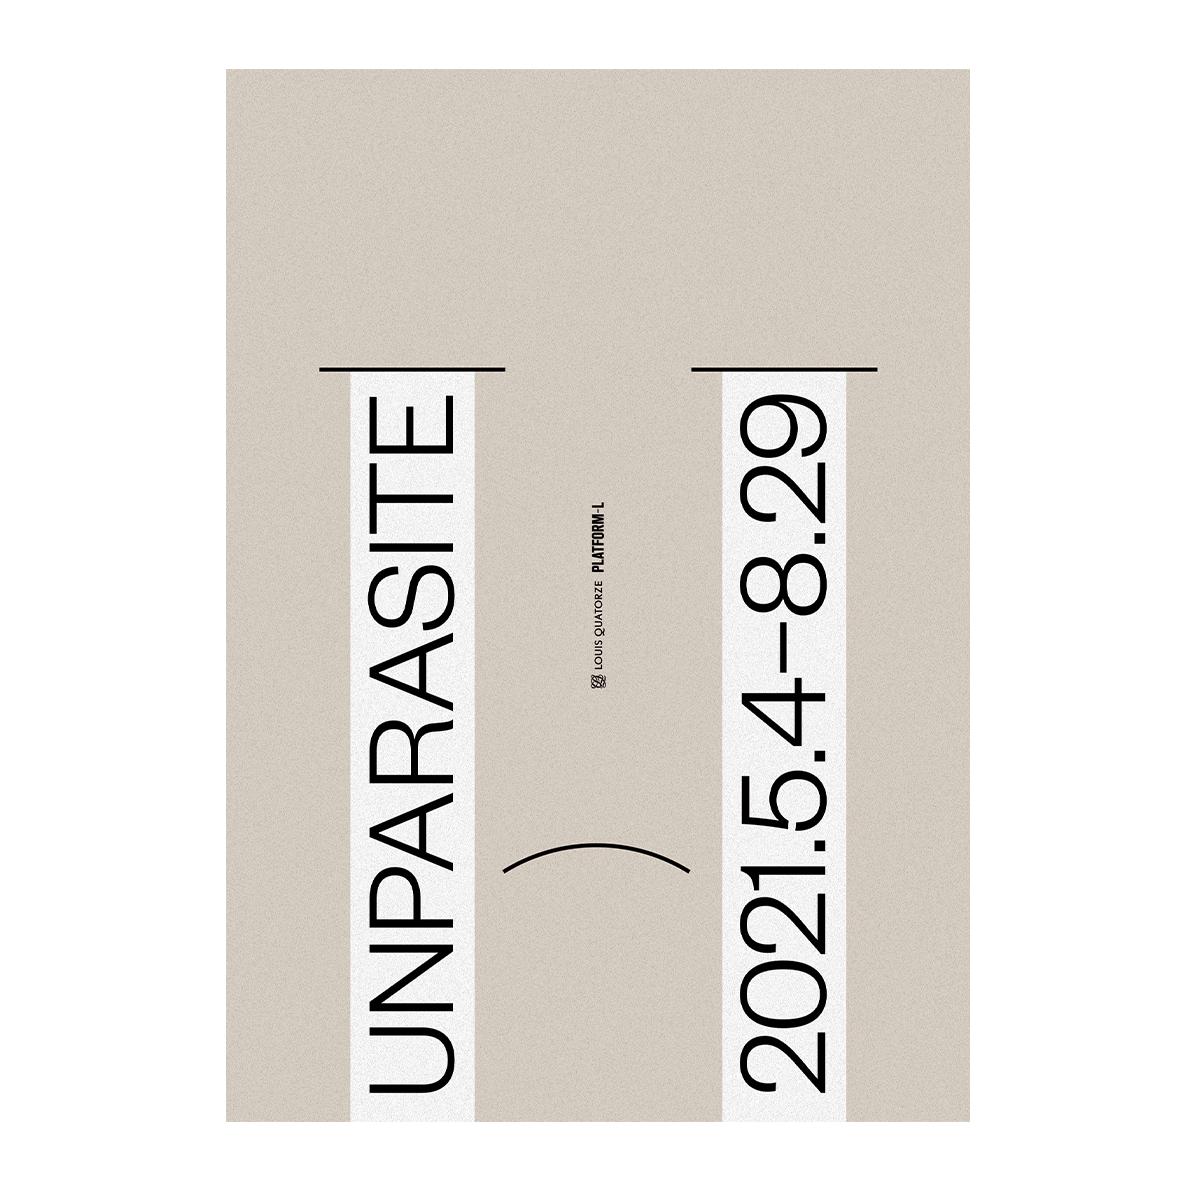 플랫폼엘  ≪UNPARASITE≫ 포스터 (grey)